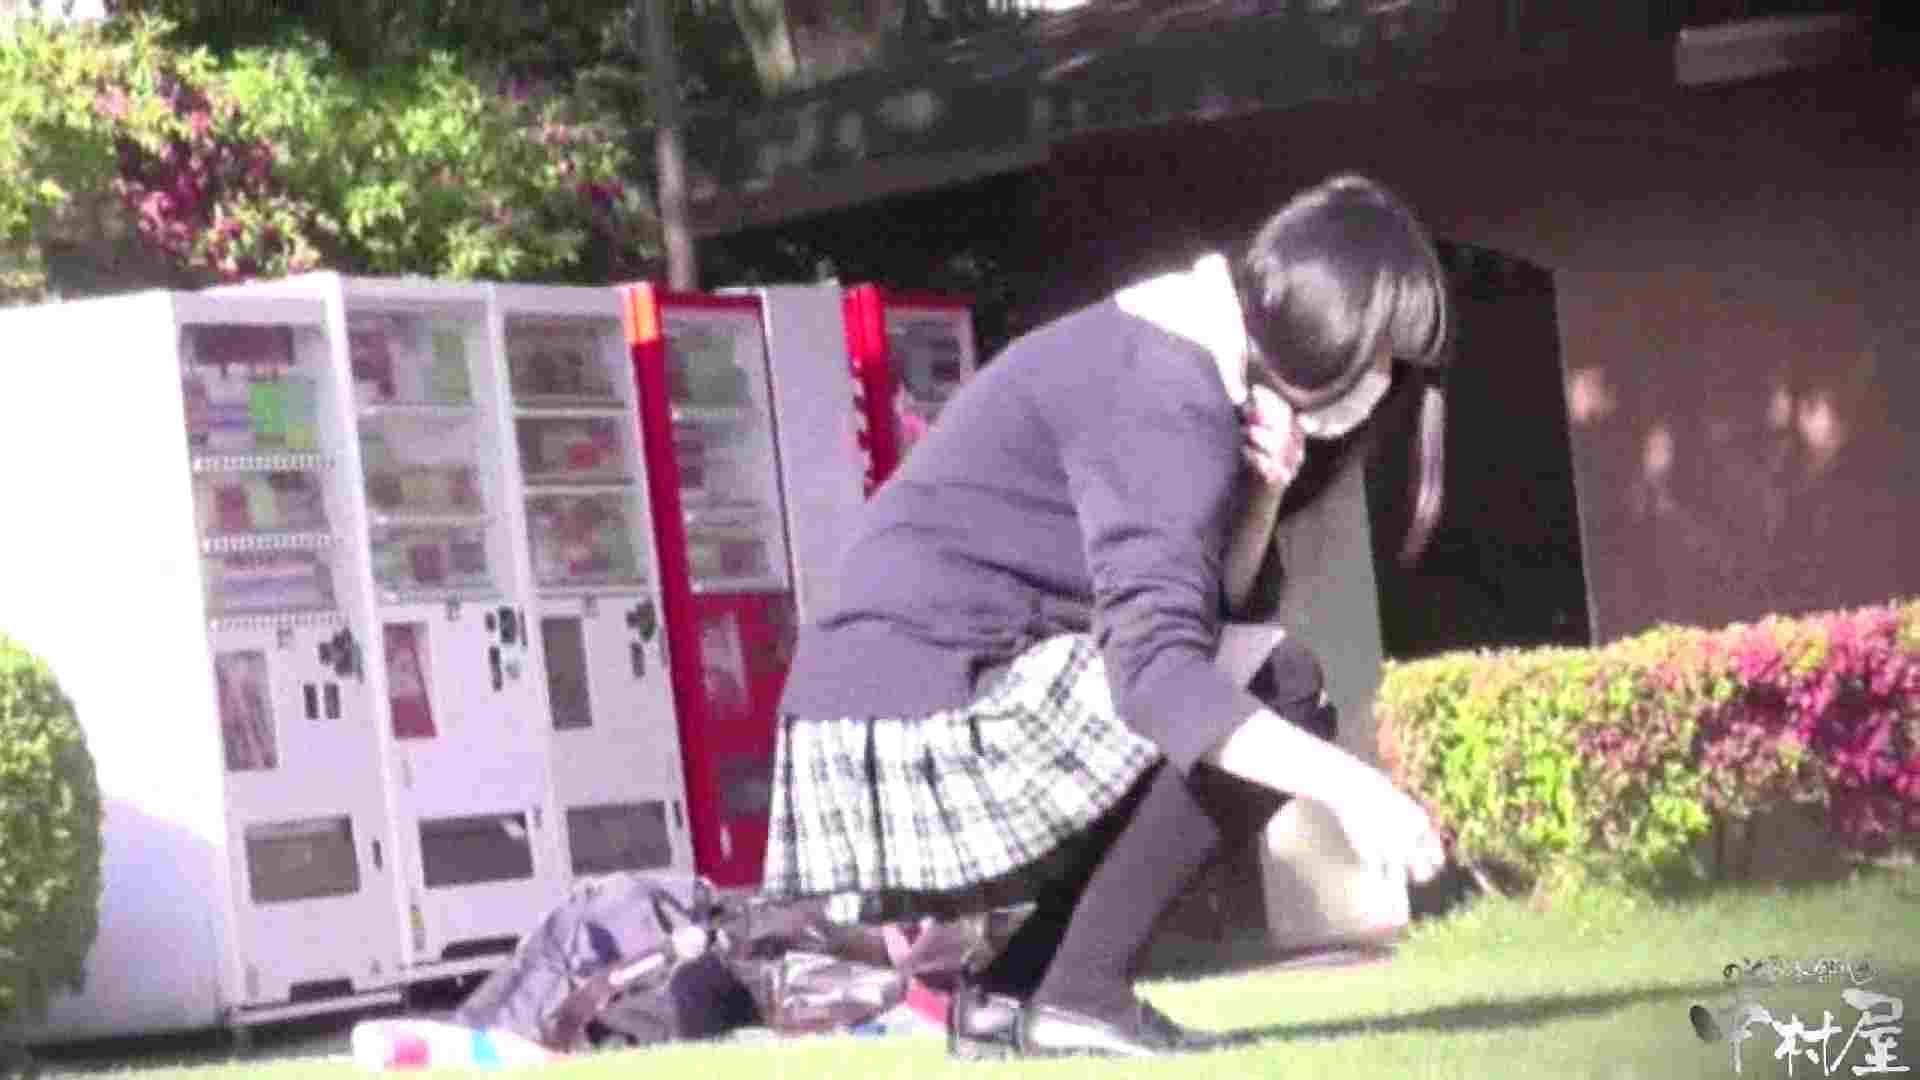 ドキドキ❤新入生パンチラ歓迎会vol.21 乙女のエロ動画 のぞき動画キャプチャ 105PIX 99